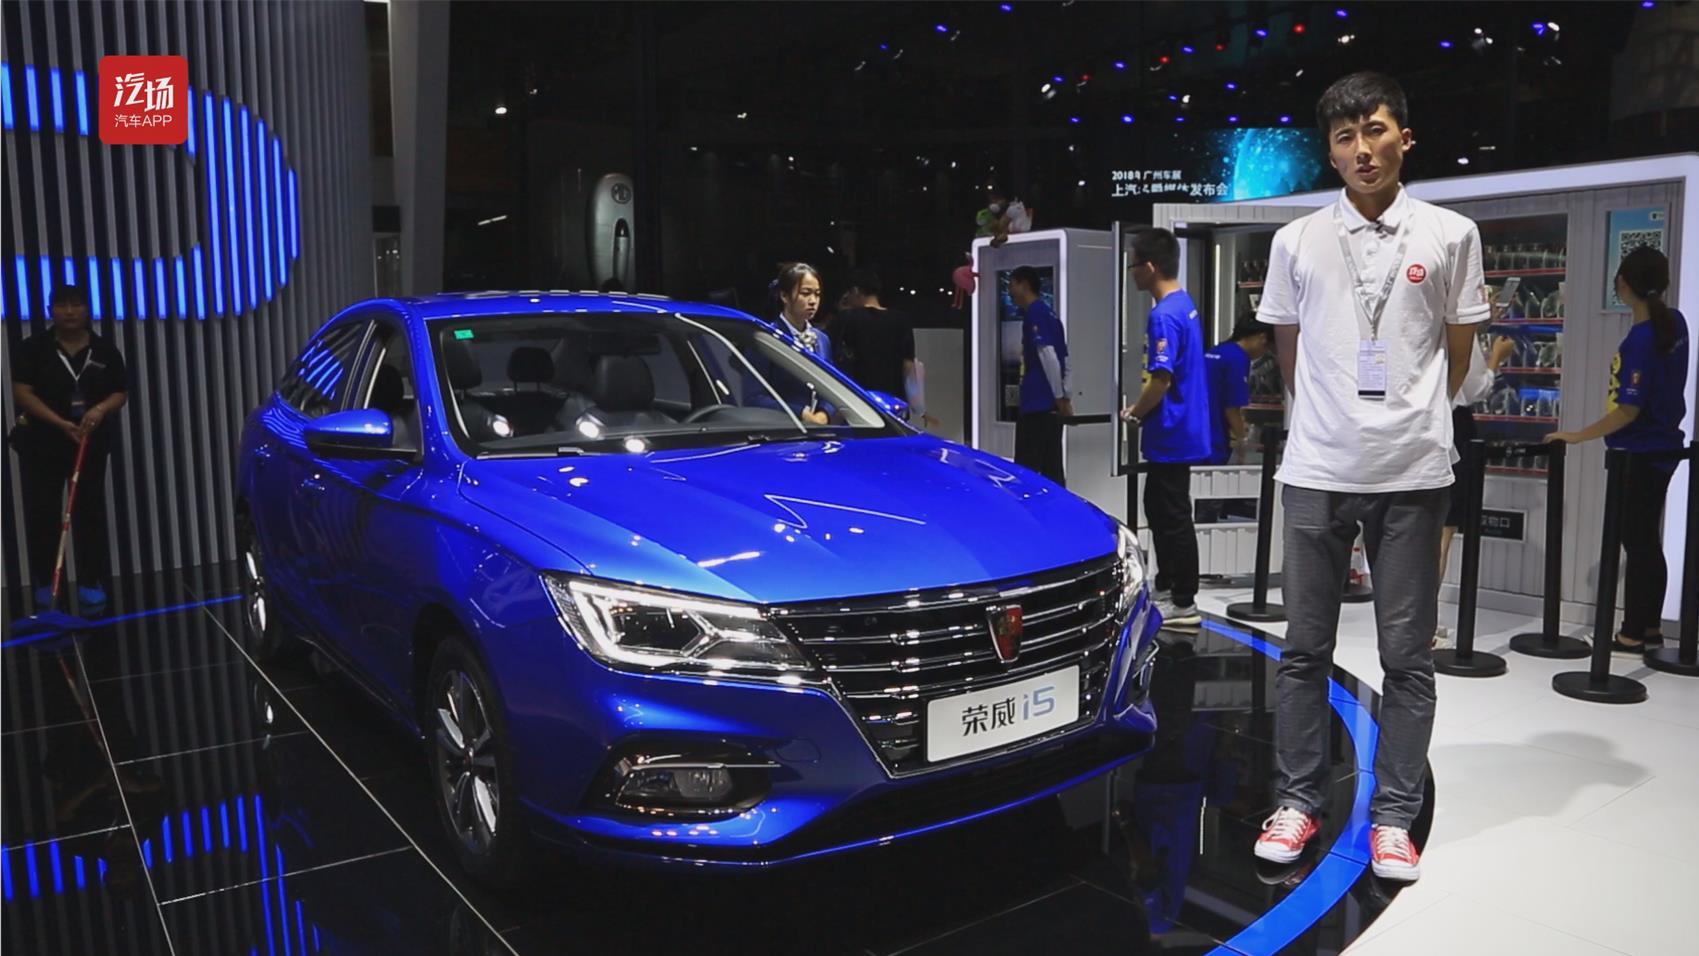 【车展看新车】不到7万起售优惠9千 荣威i5上市就高能